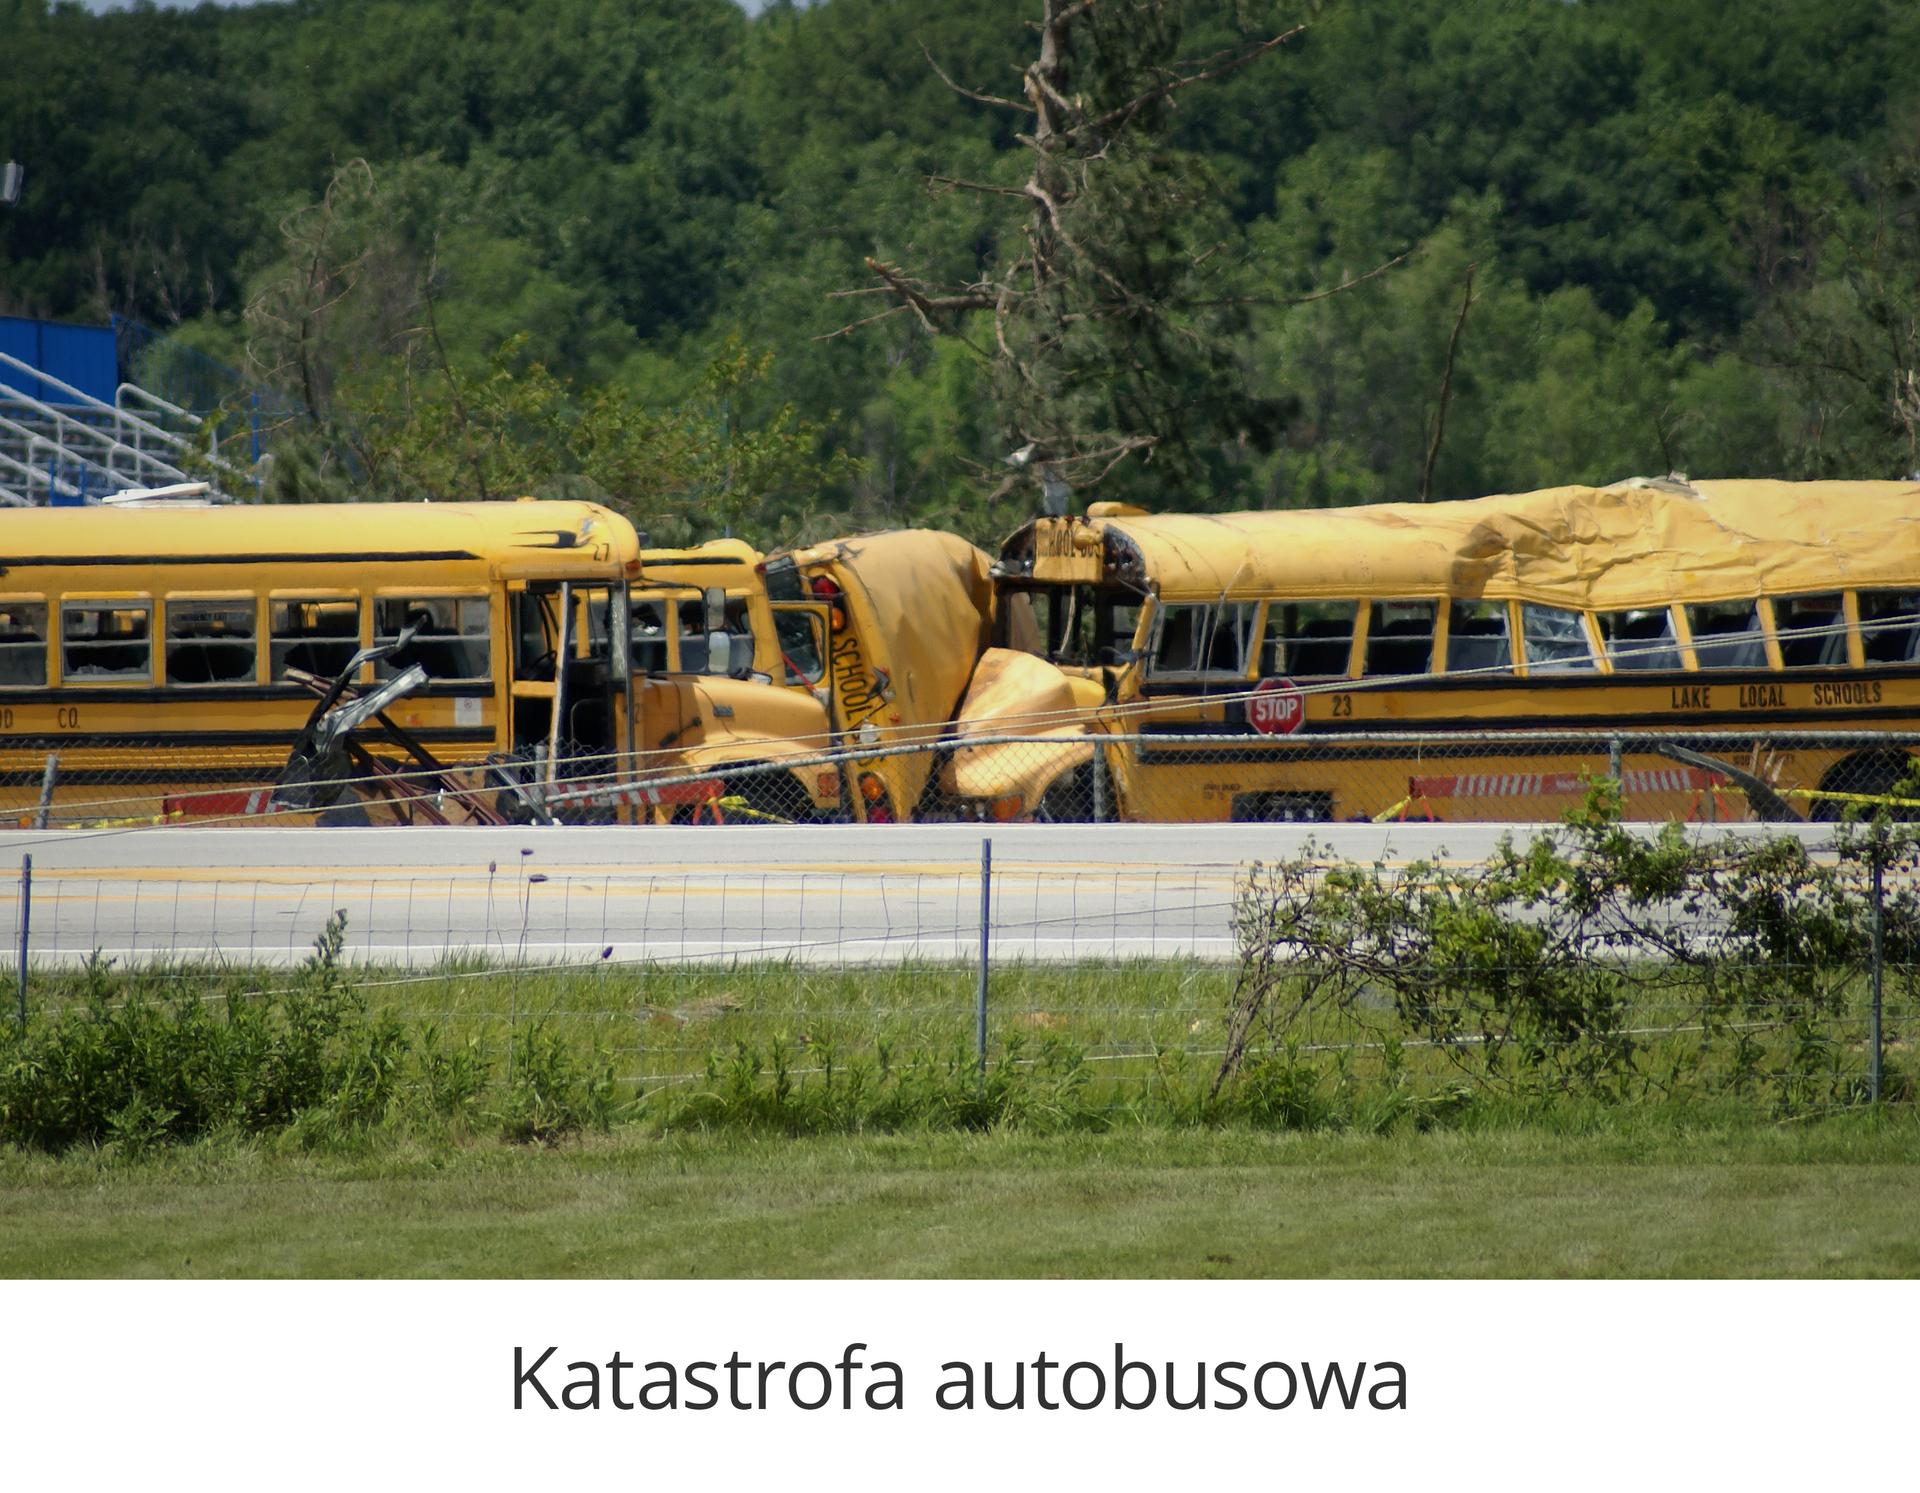 Zdjęcie 1 to katastrofa autobusowa. Słoneczny dzień. Na pierwszym planie kilka żółtych autobusów stojących obok siebie. Przednia część autobusów powyginana zwybitymi oknami. Prawy autobus ma zgnieciony dach oraz bok.